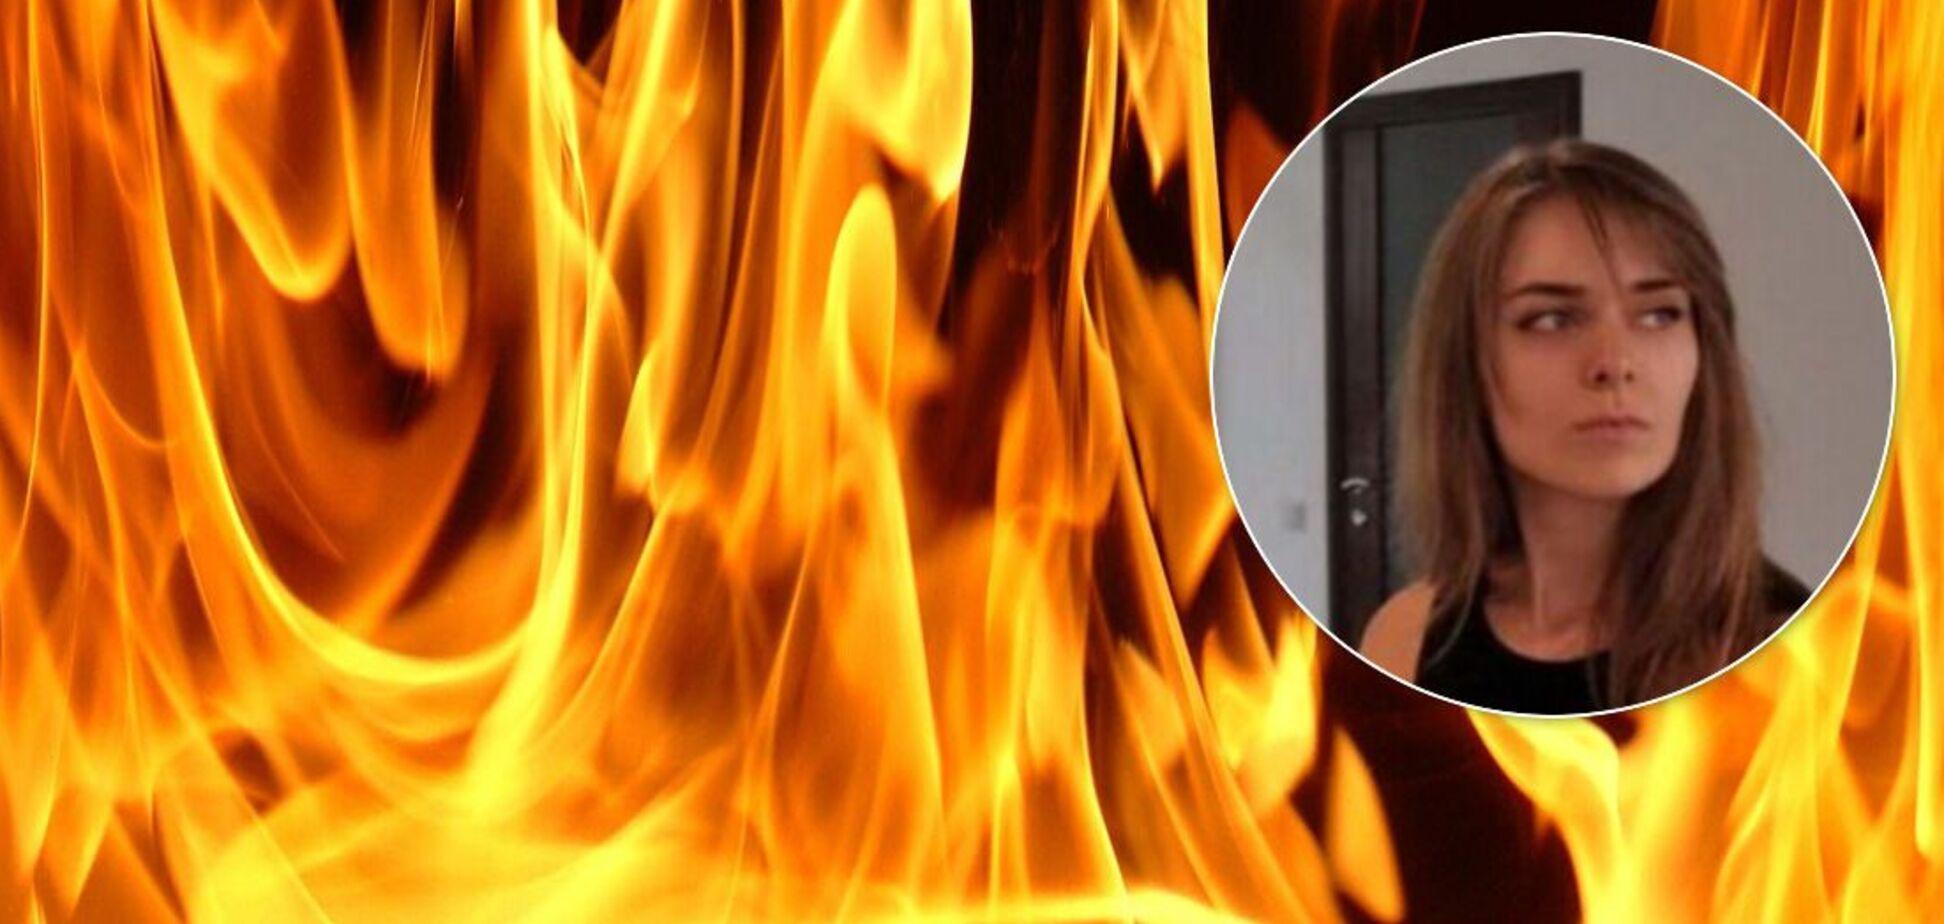 Стали відомі подробиці самоспалення дівчини біля храму в Запоріжжі